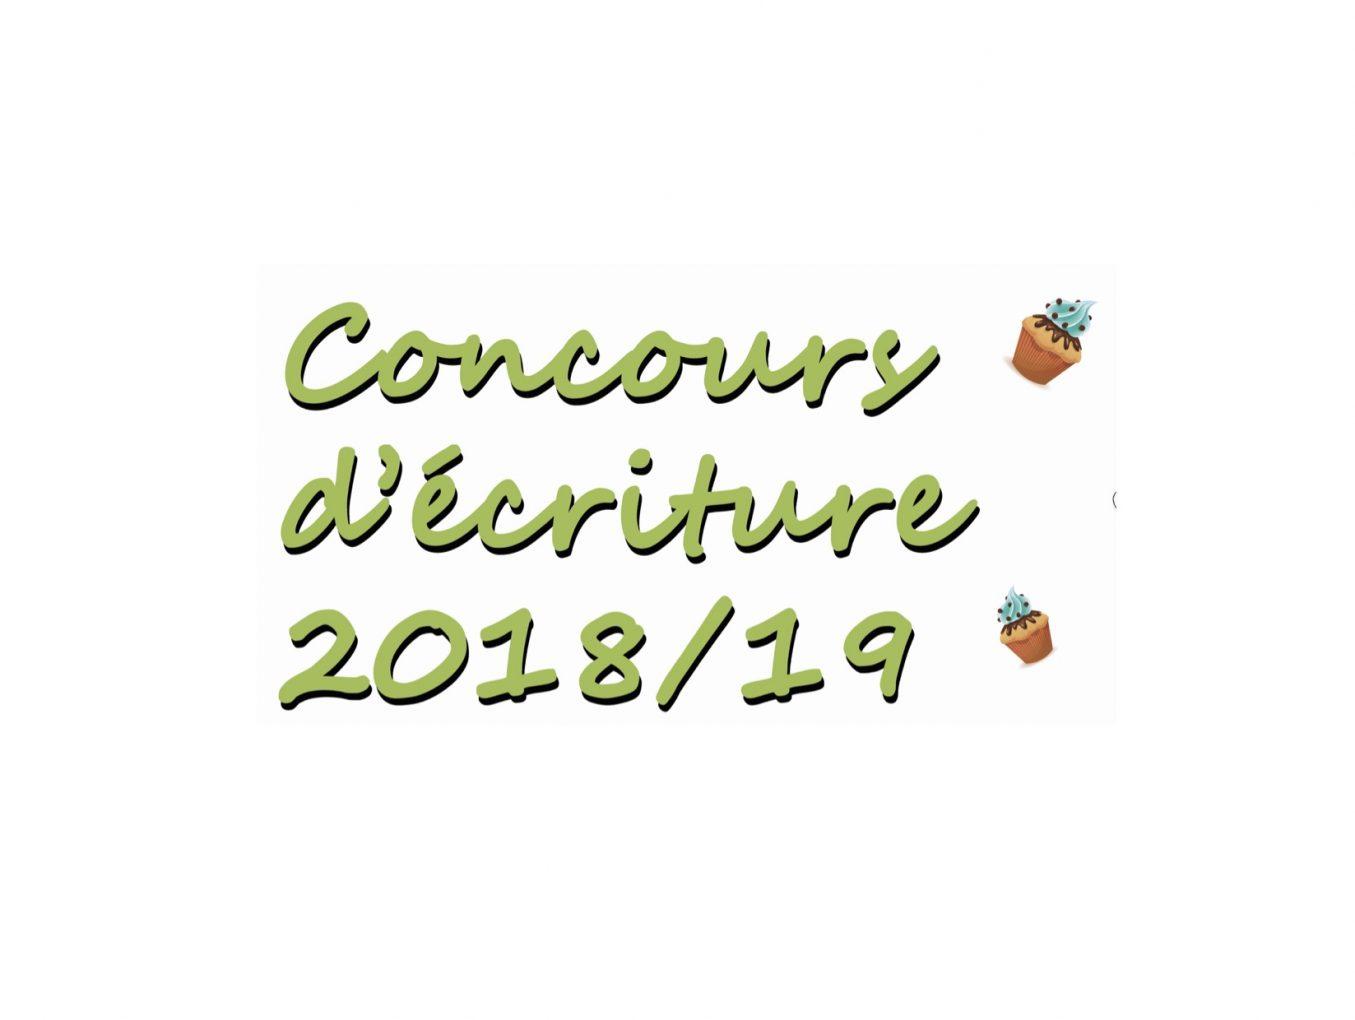 Concours d'écriture 2018/2019